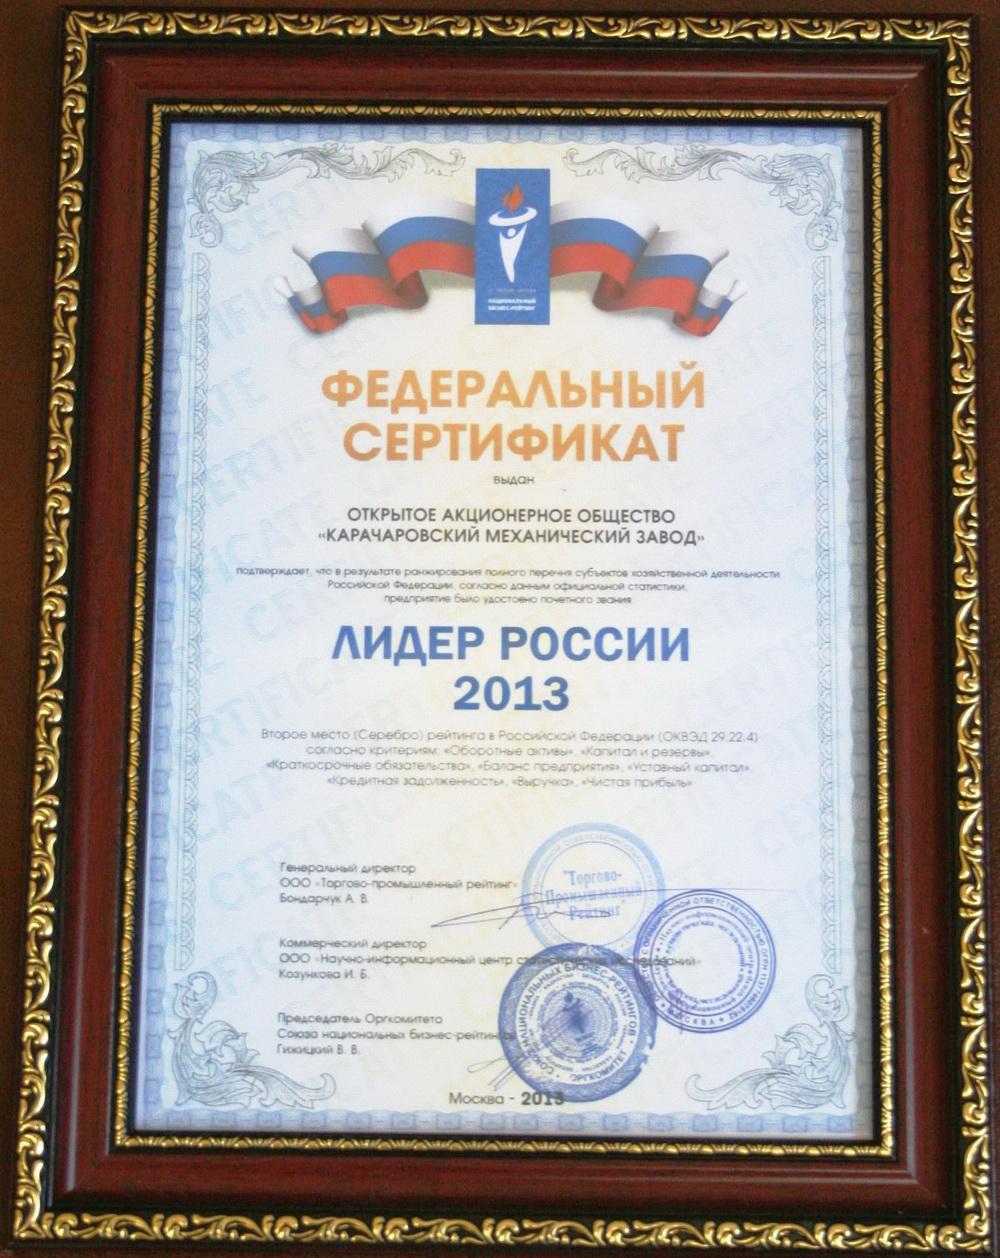 ОАО «Карачаровский механический завод» заняло II место в Общегосударственном рейтинге предприятий России по итогам 2011-2012 года